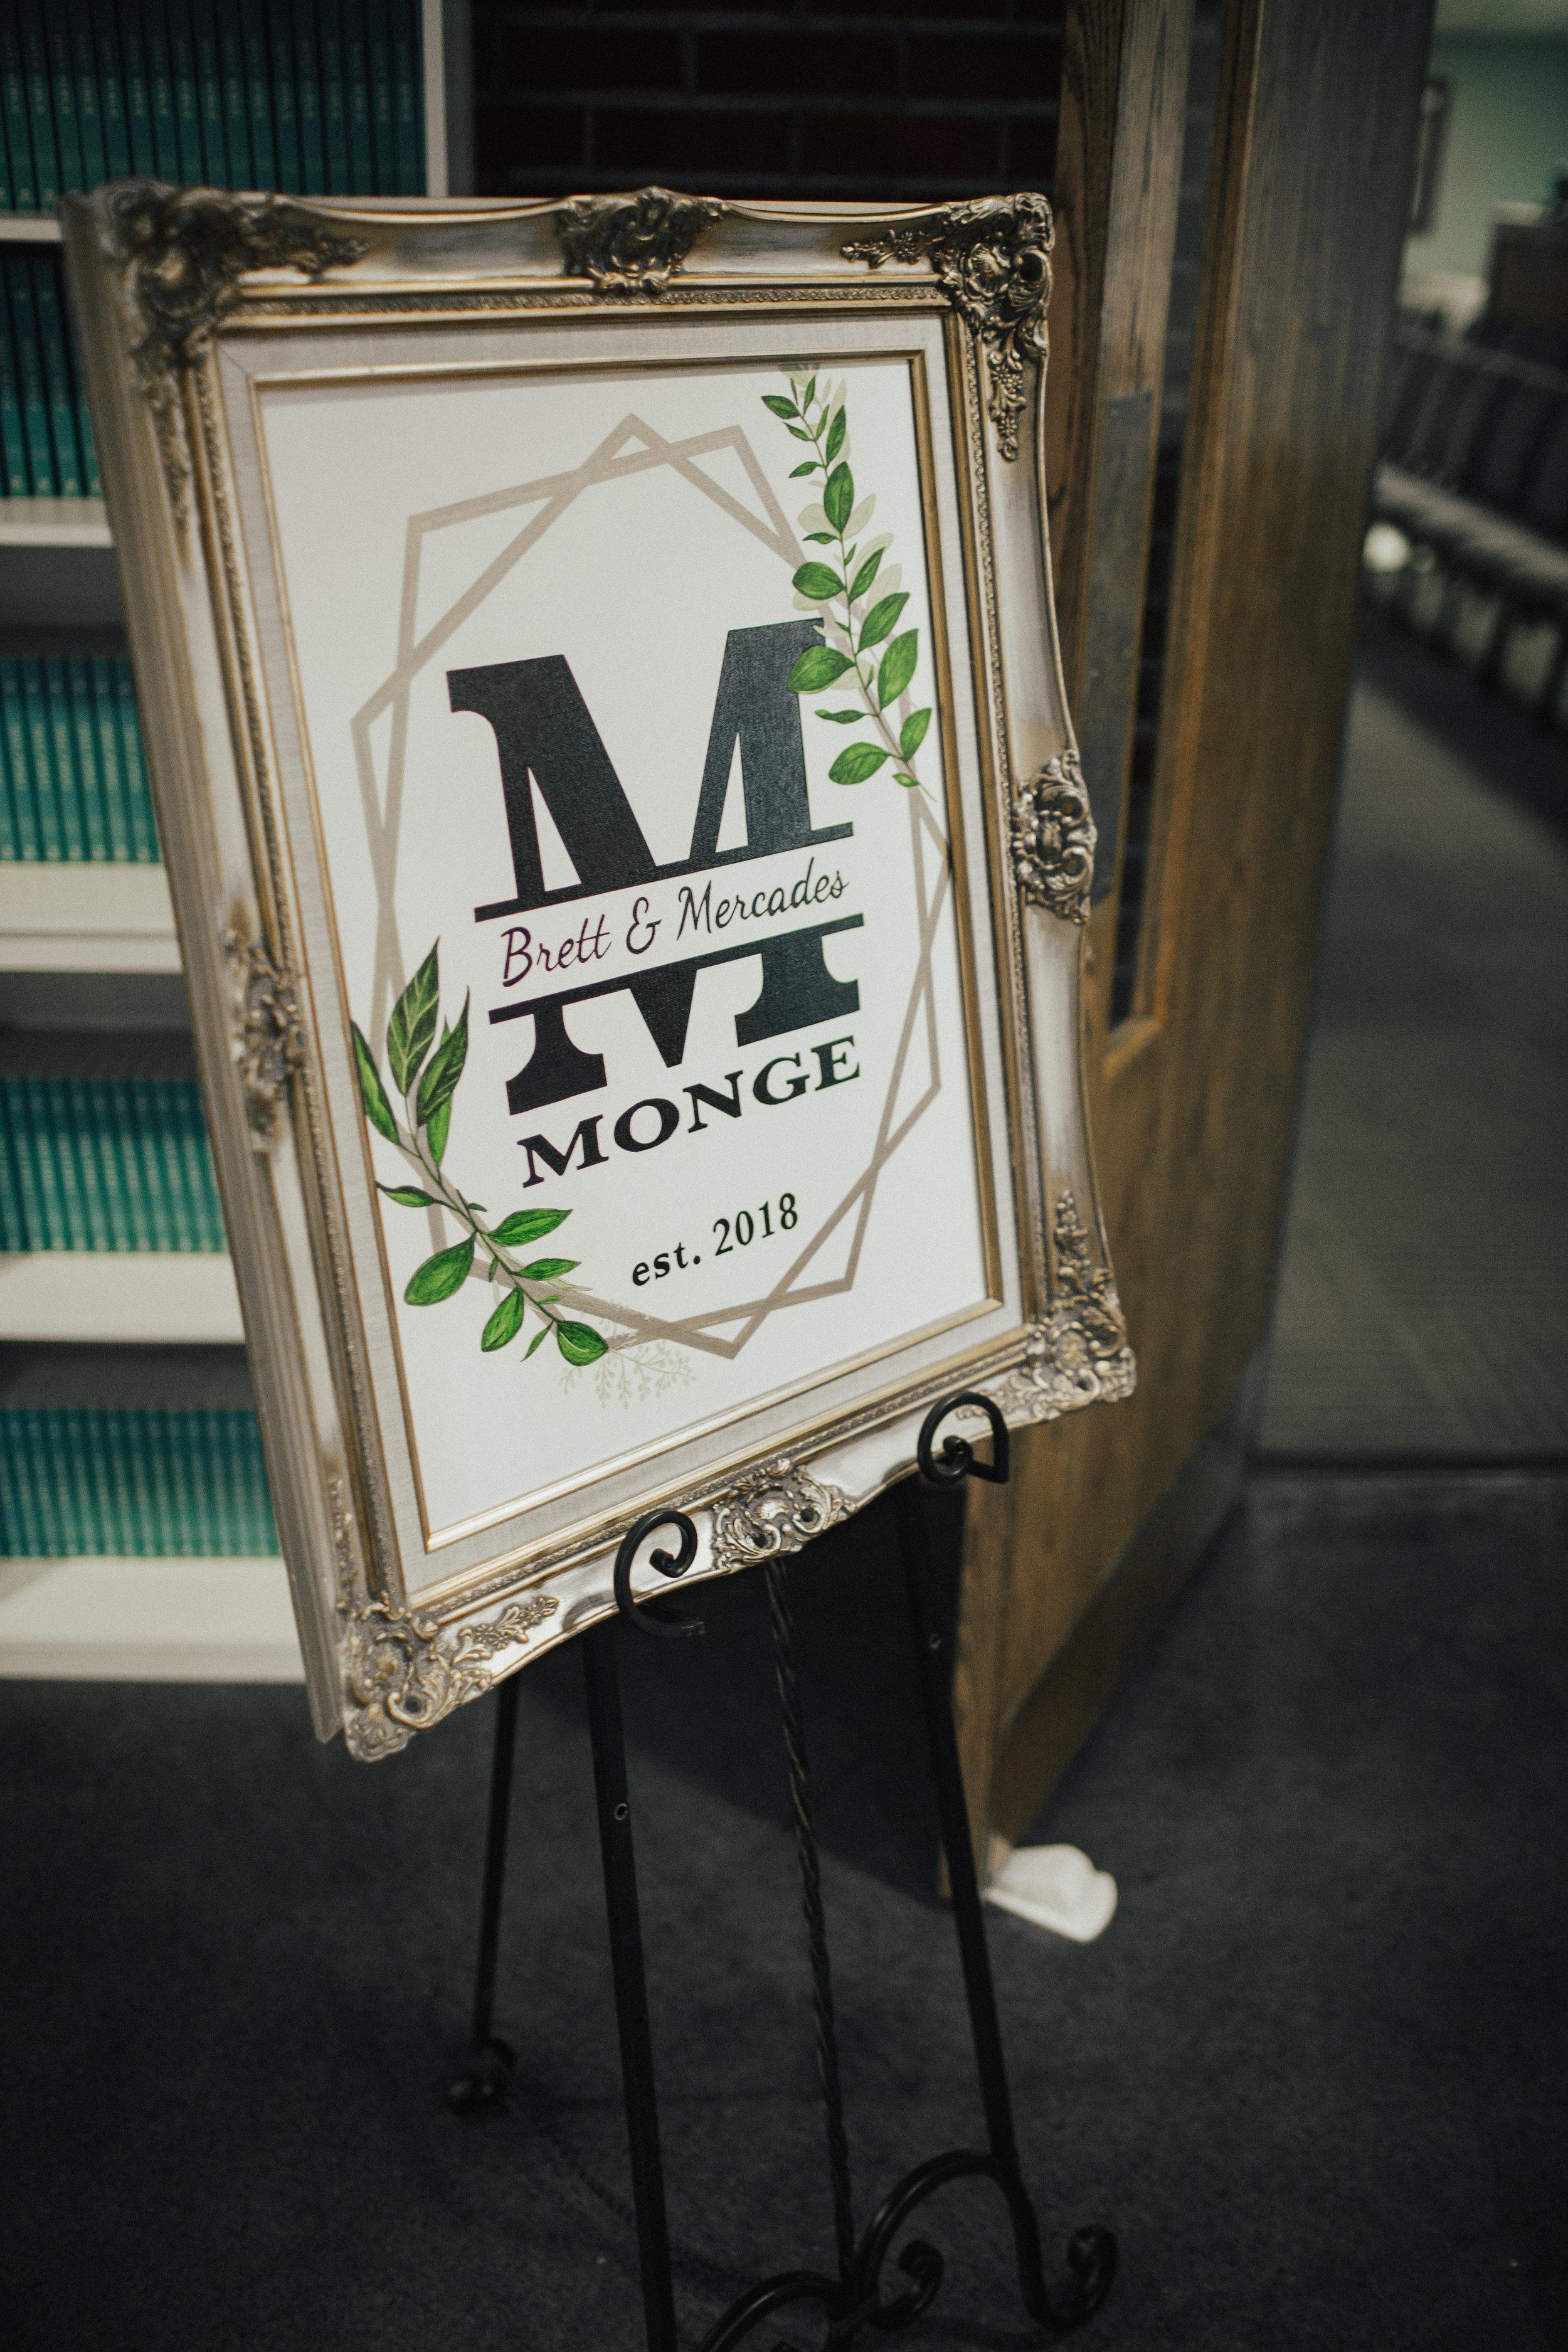 Monge-511.jpg